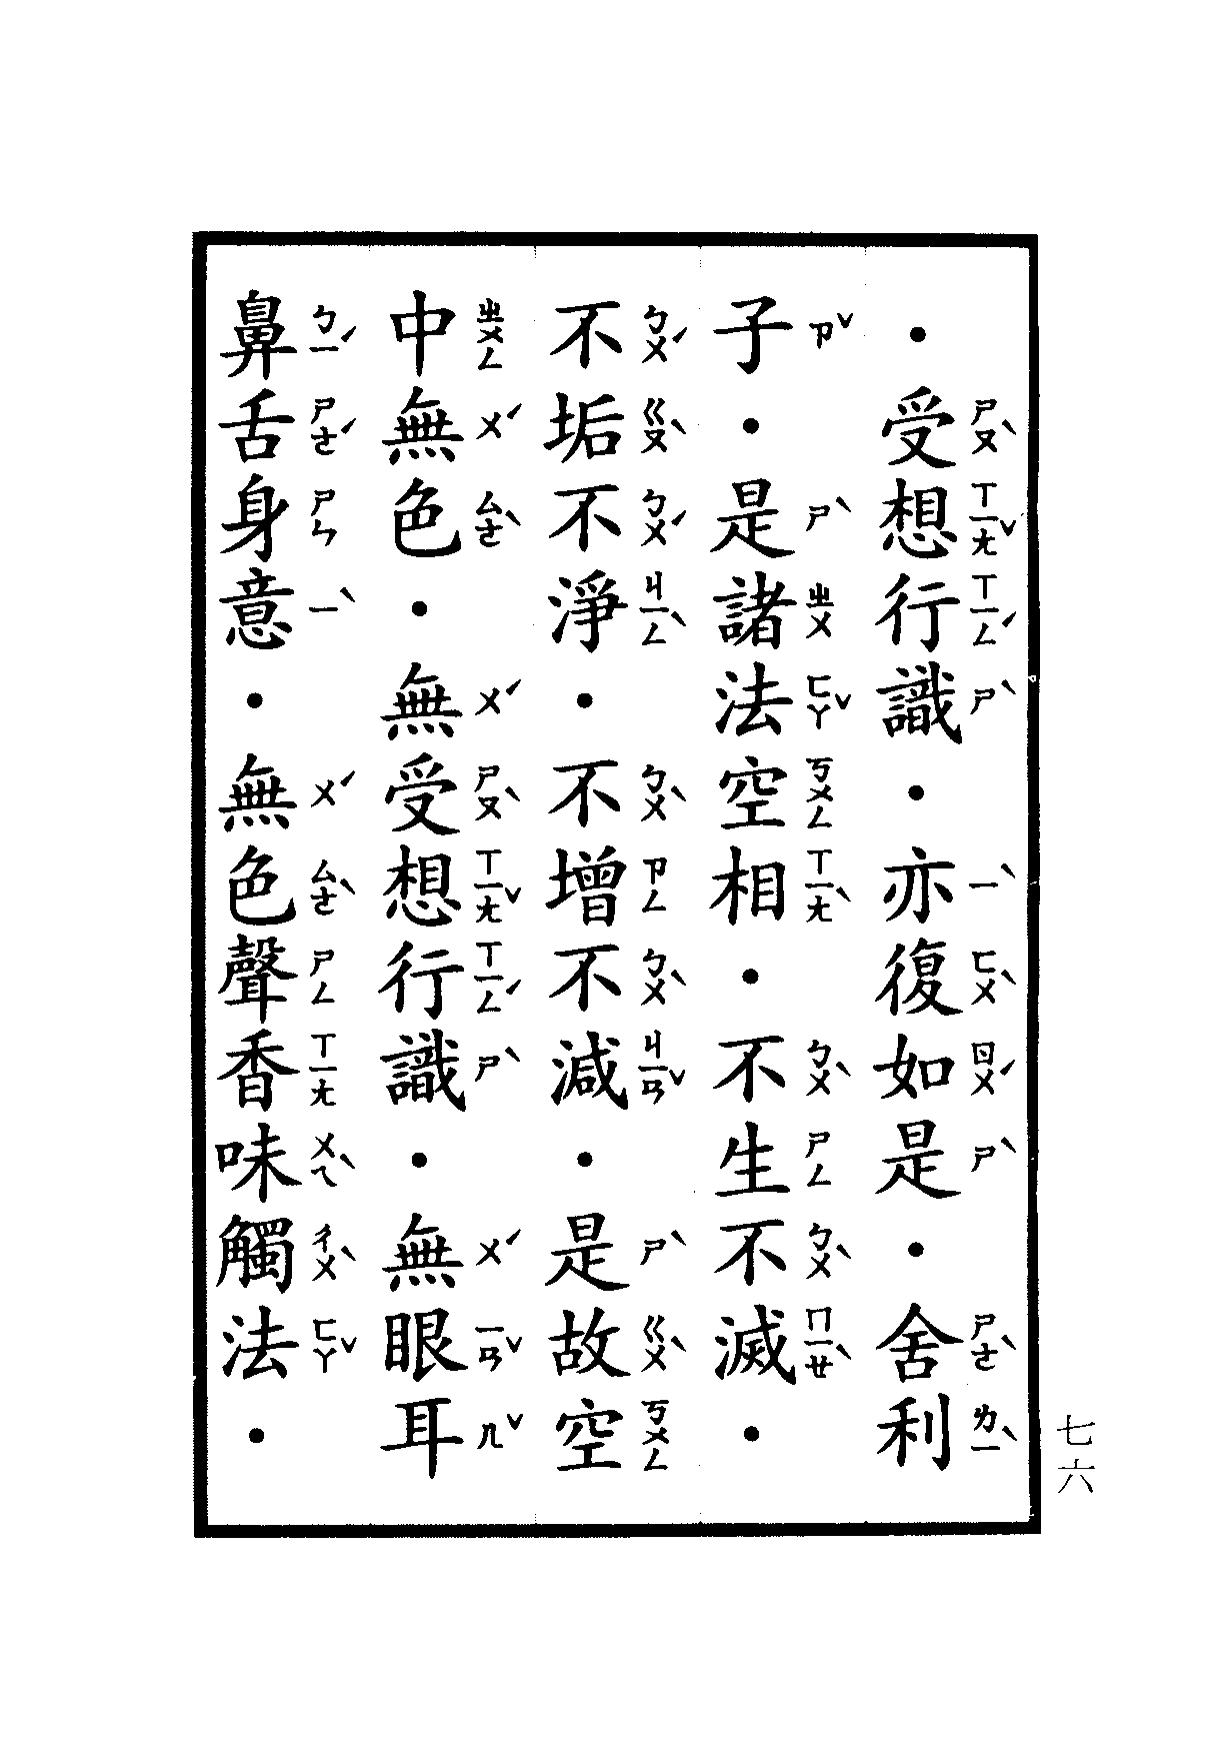 楞嚴咒-大悲咒-十小咒-易背本 82.png